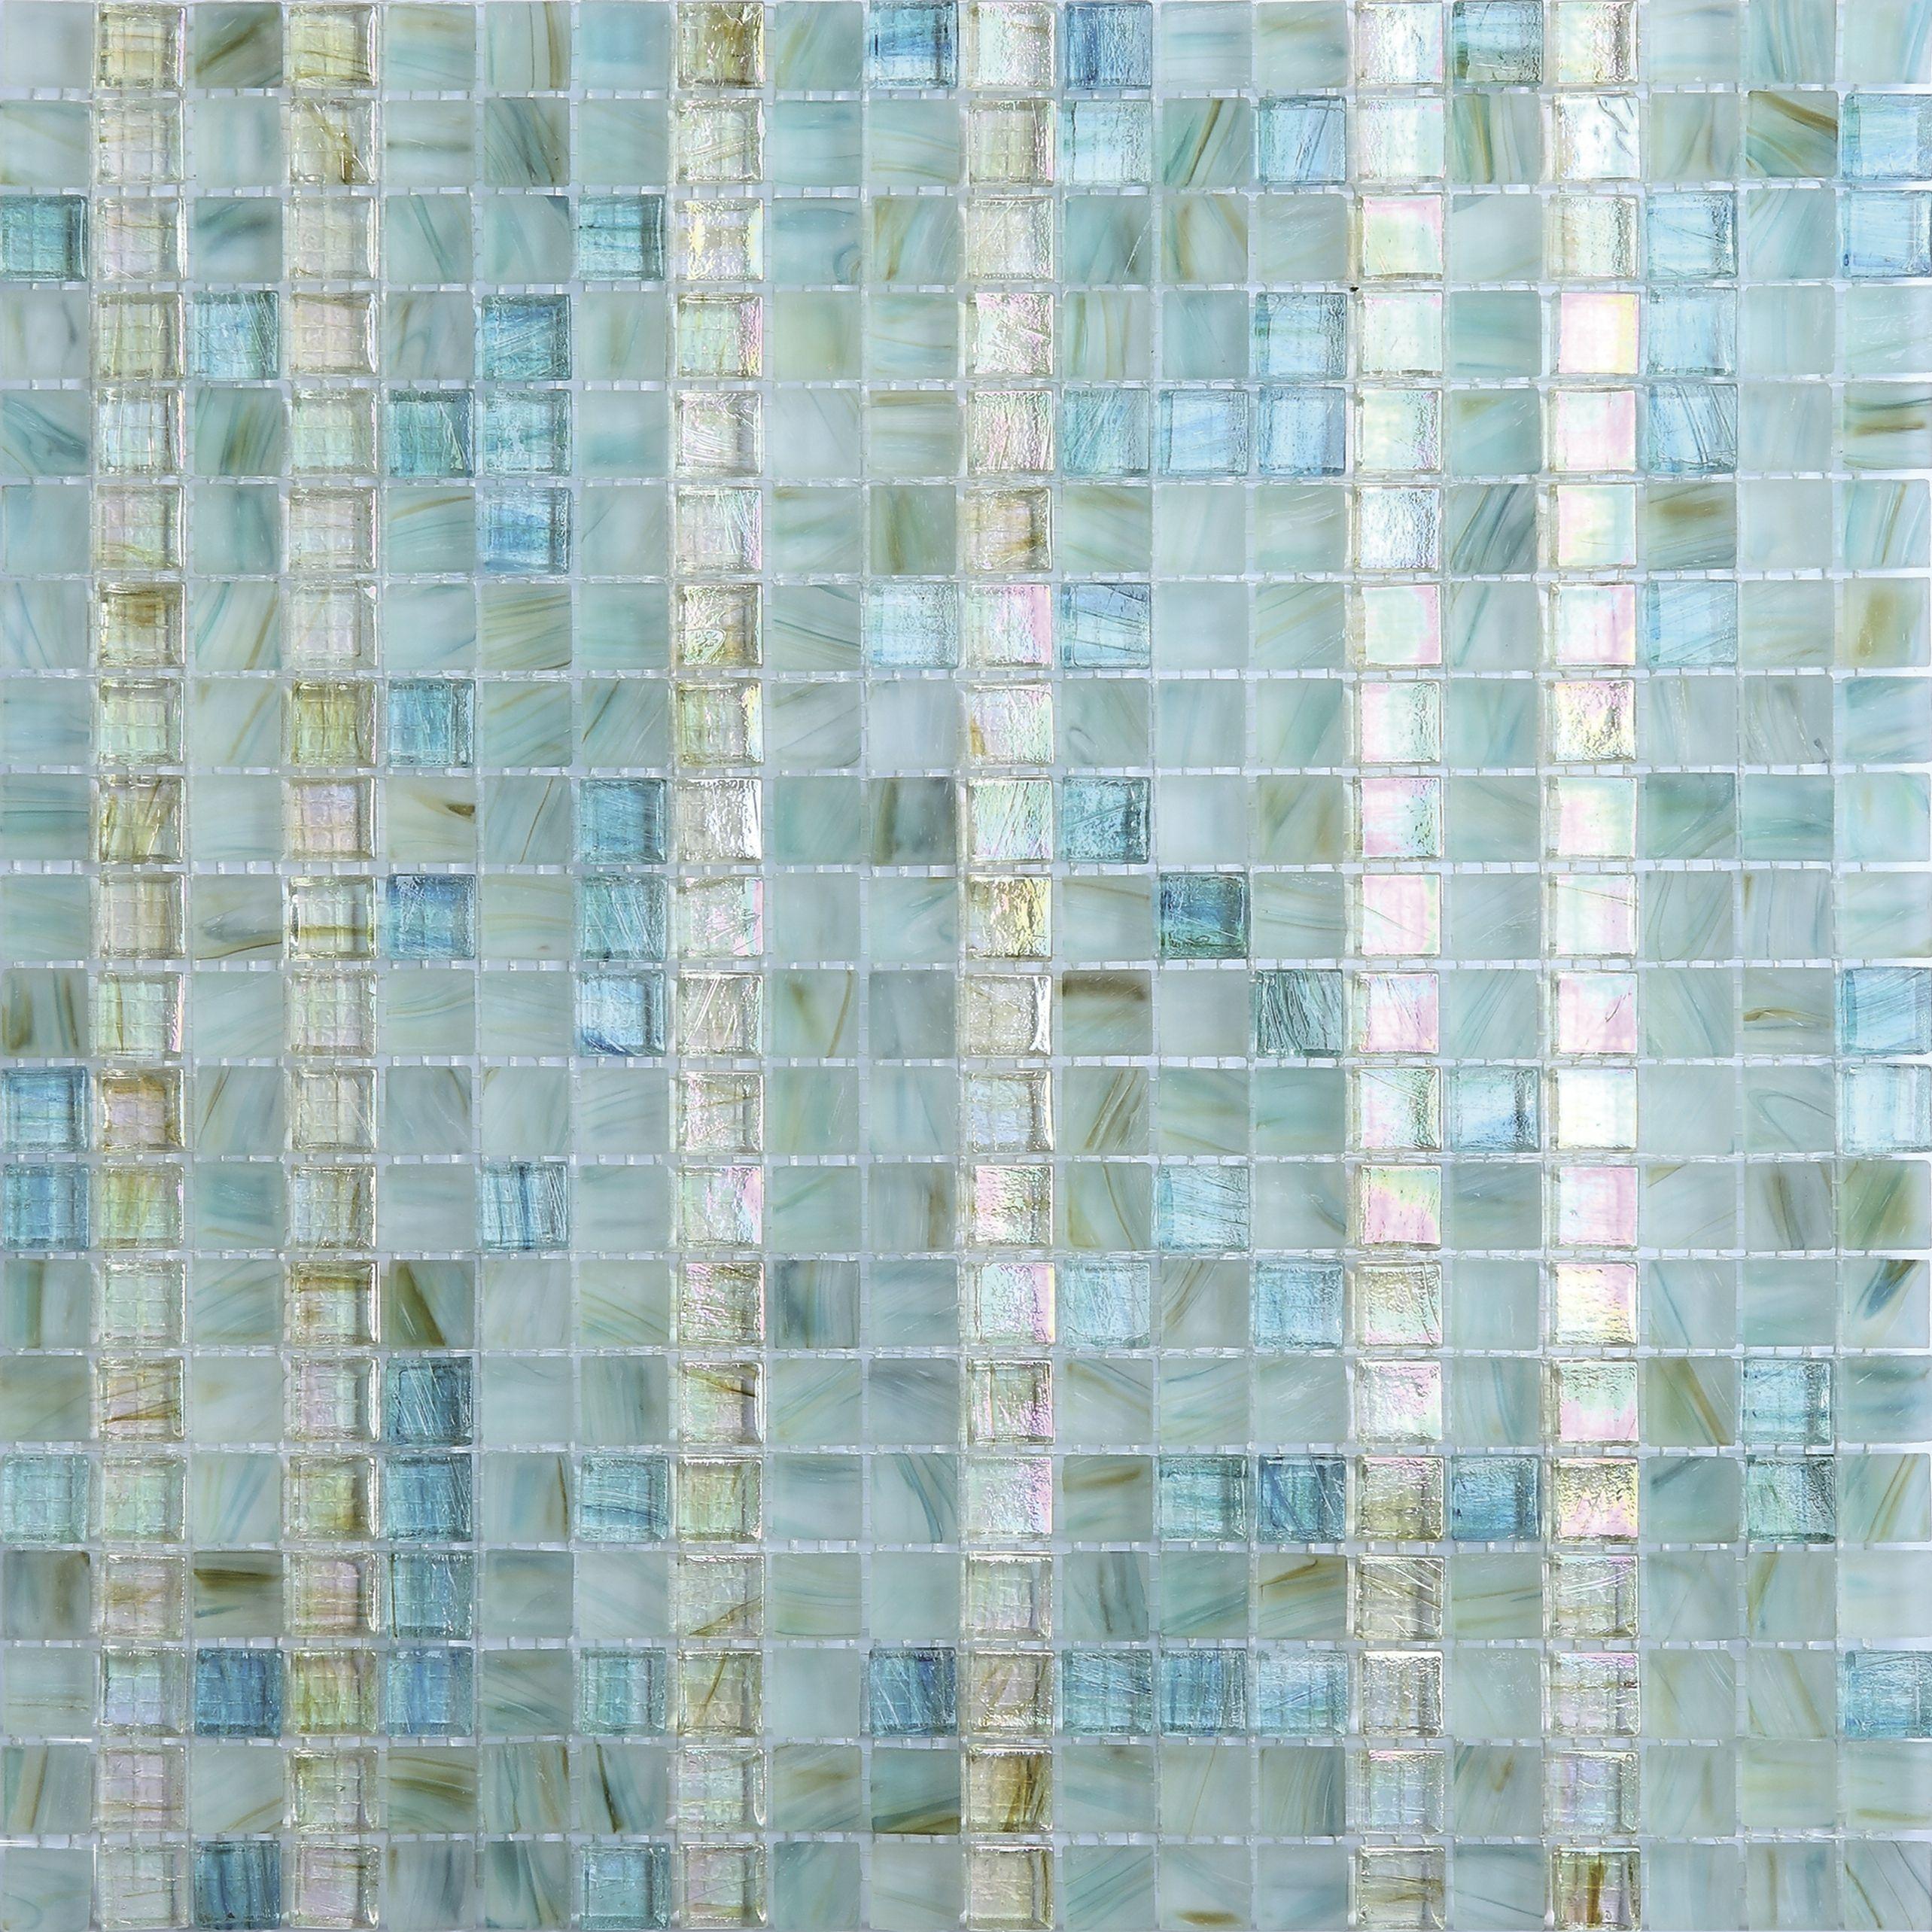 IRG0043 - tile, mosaic tile, kitchen backsplash, crystal glass tile ...